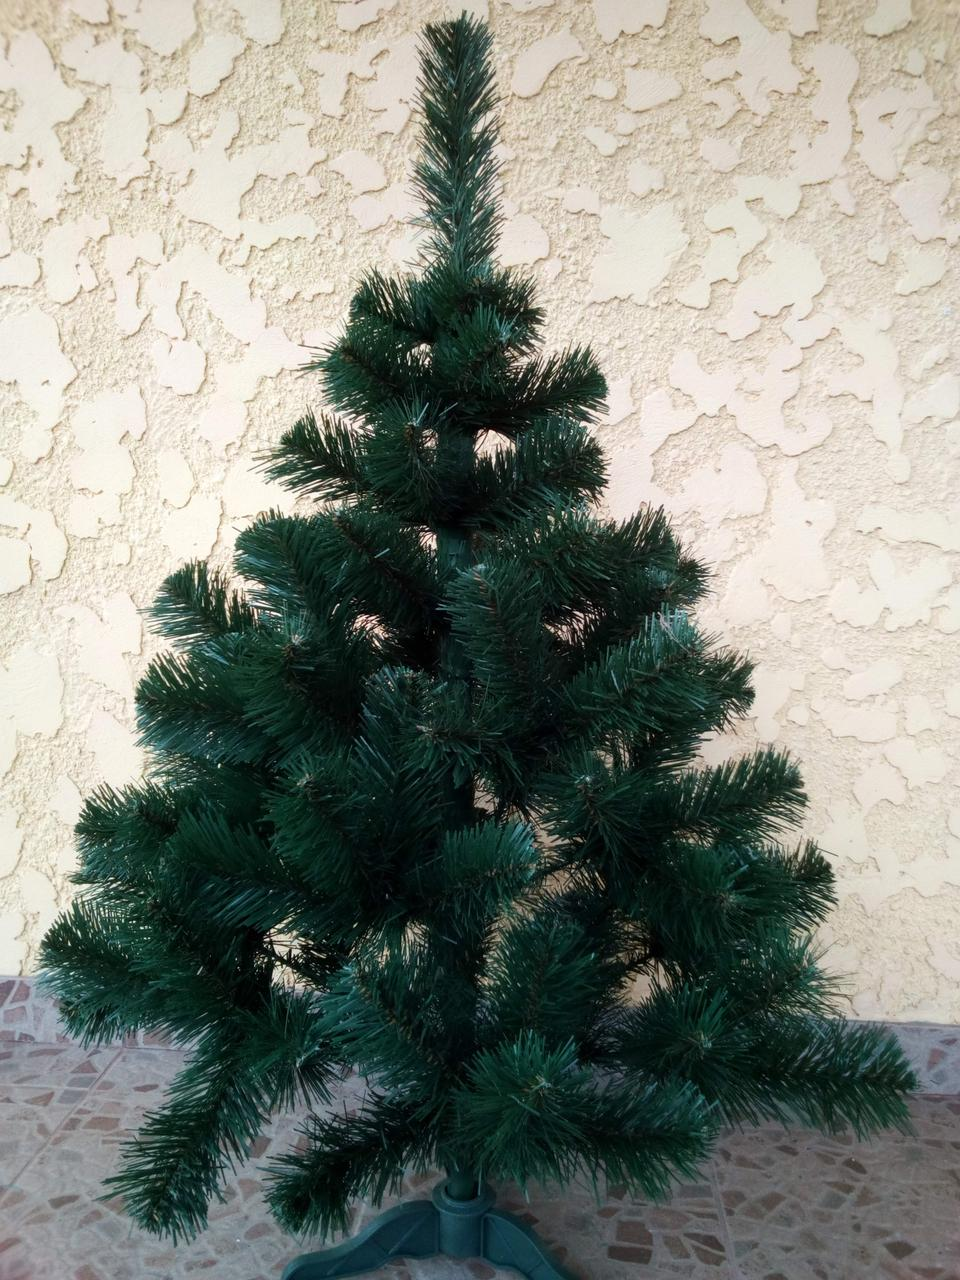 Елка искусственная 0.55м зеленая новогодняя ель праздничная пвх